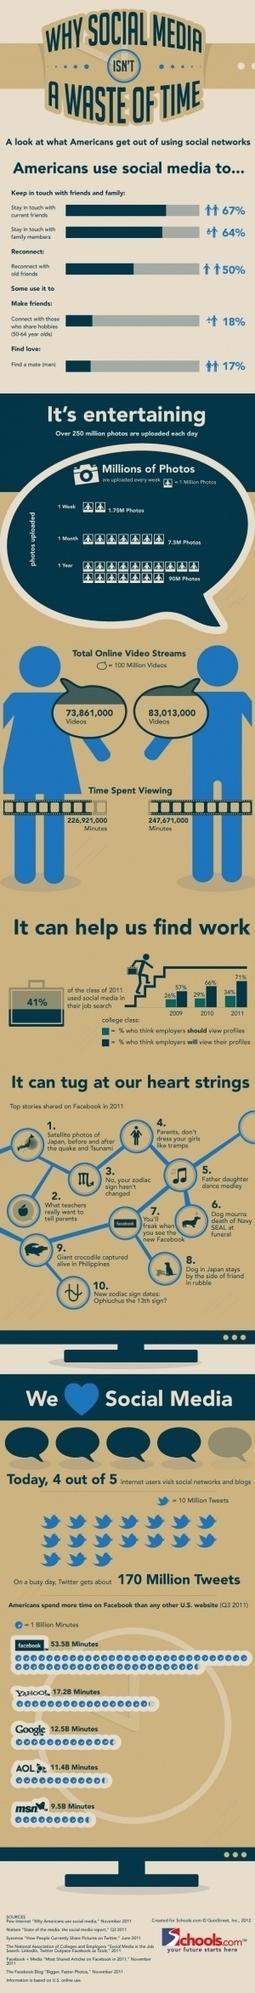 Por qué el Social Media no es una pérdida de tiempo #infografia #infographic#socialmedia | Prionomy | Scoop.it